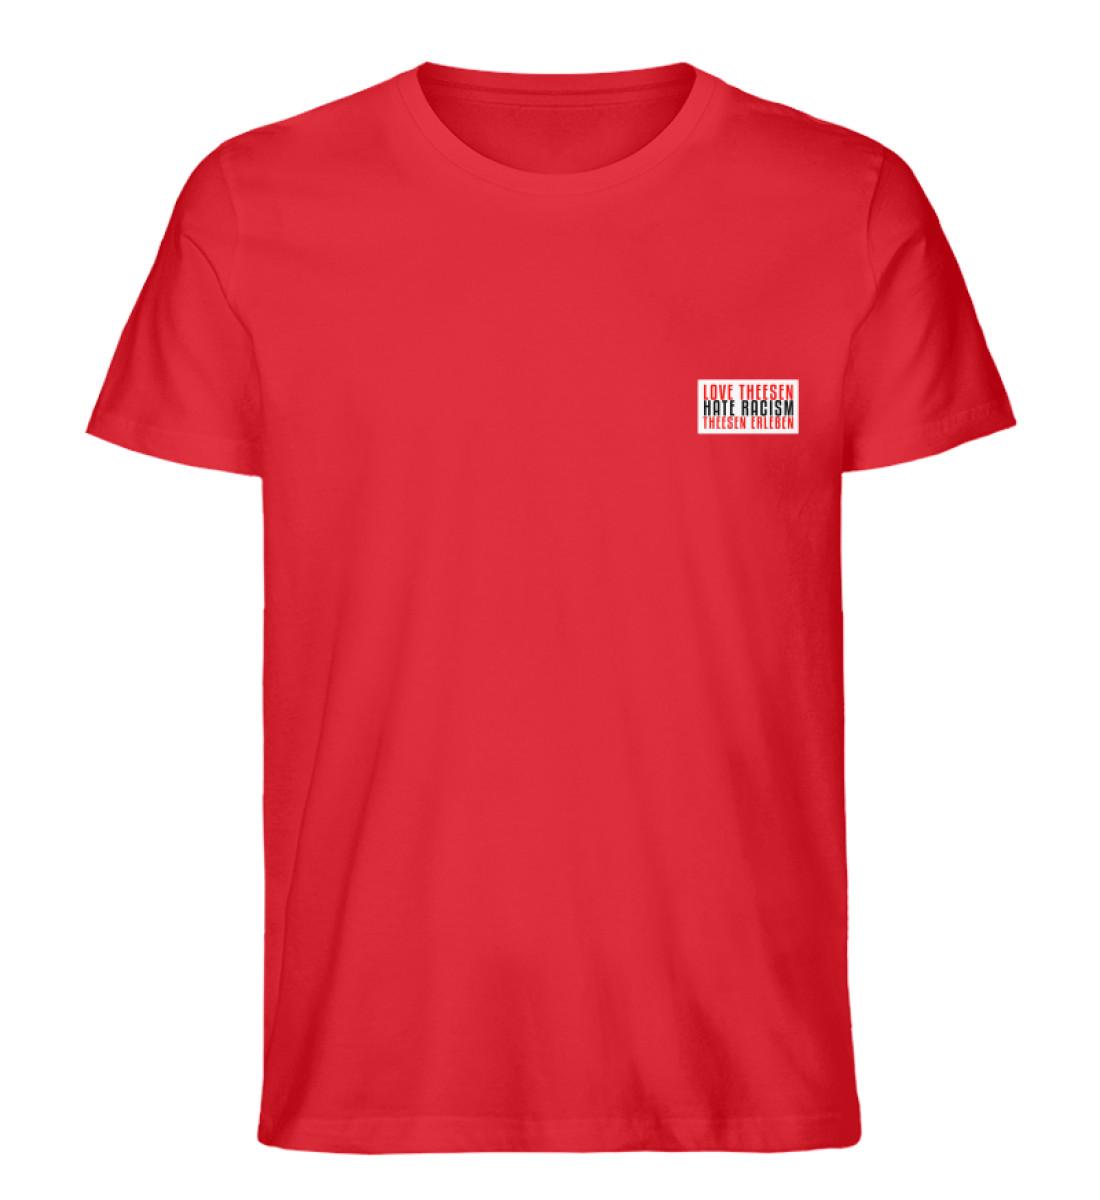 LOVE Theesen - Herren Premium Organic Shirt-6882